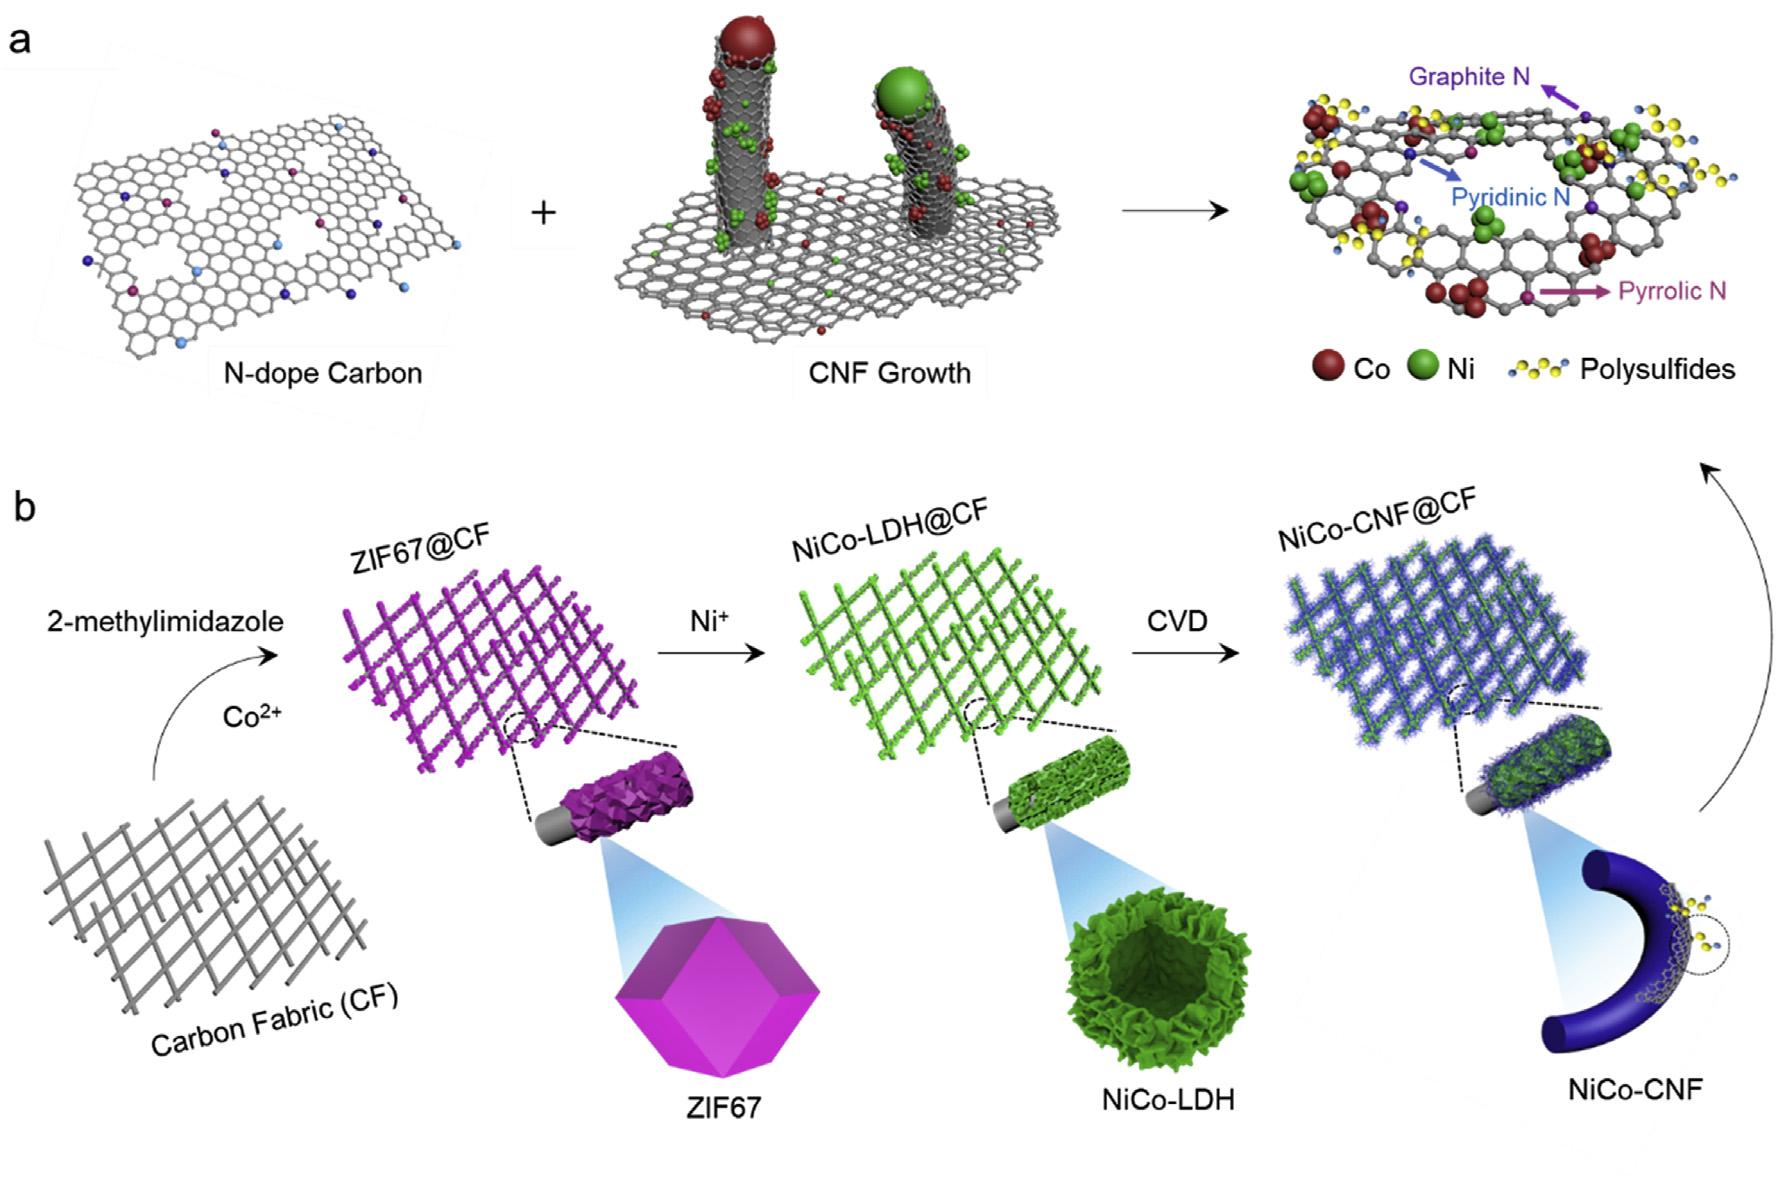 河北工业大学:Nano Energy:碳纤维上竖直生长Ni Co N共掺杂多功能碳纳米纤维触须作为高性能锂硫电池的夹层材料